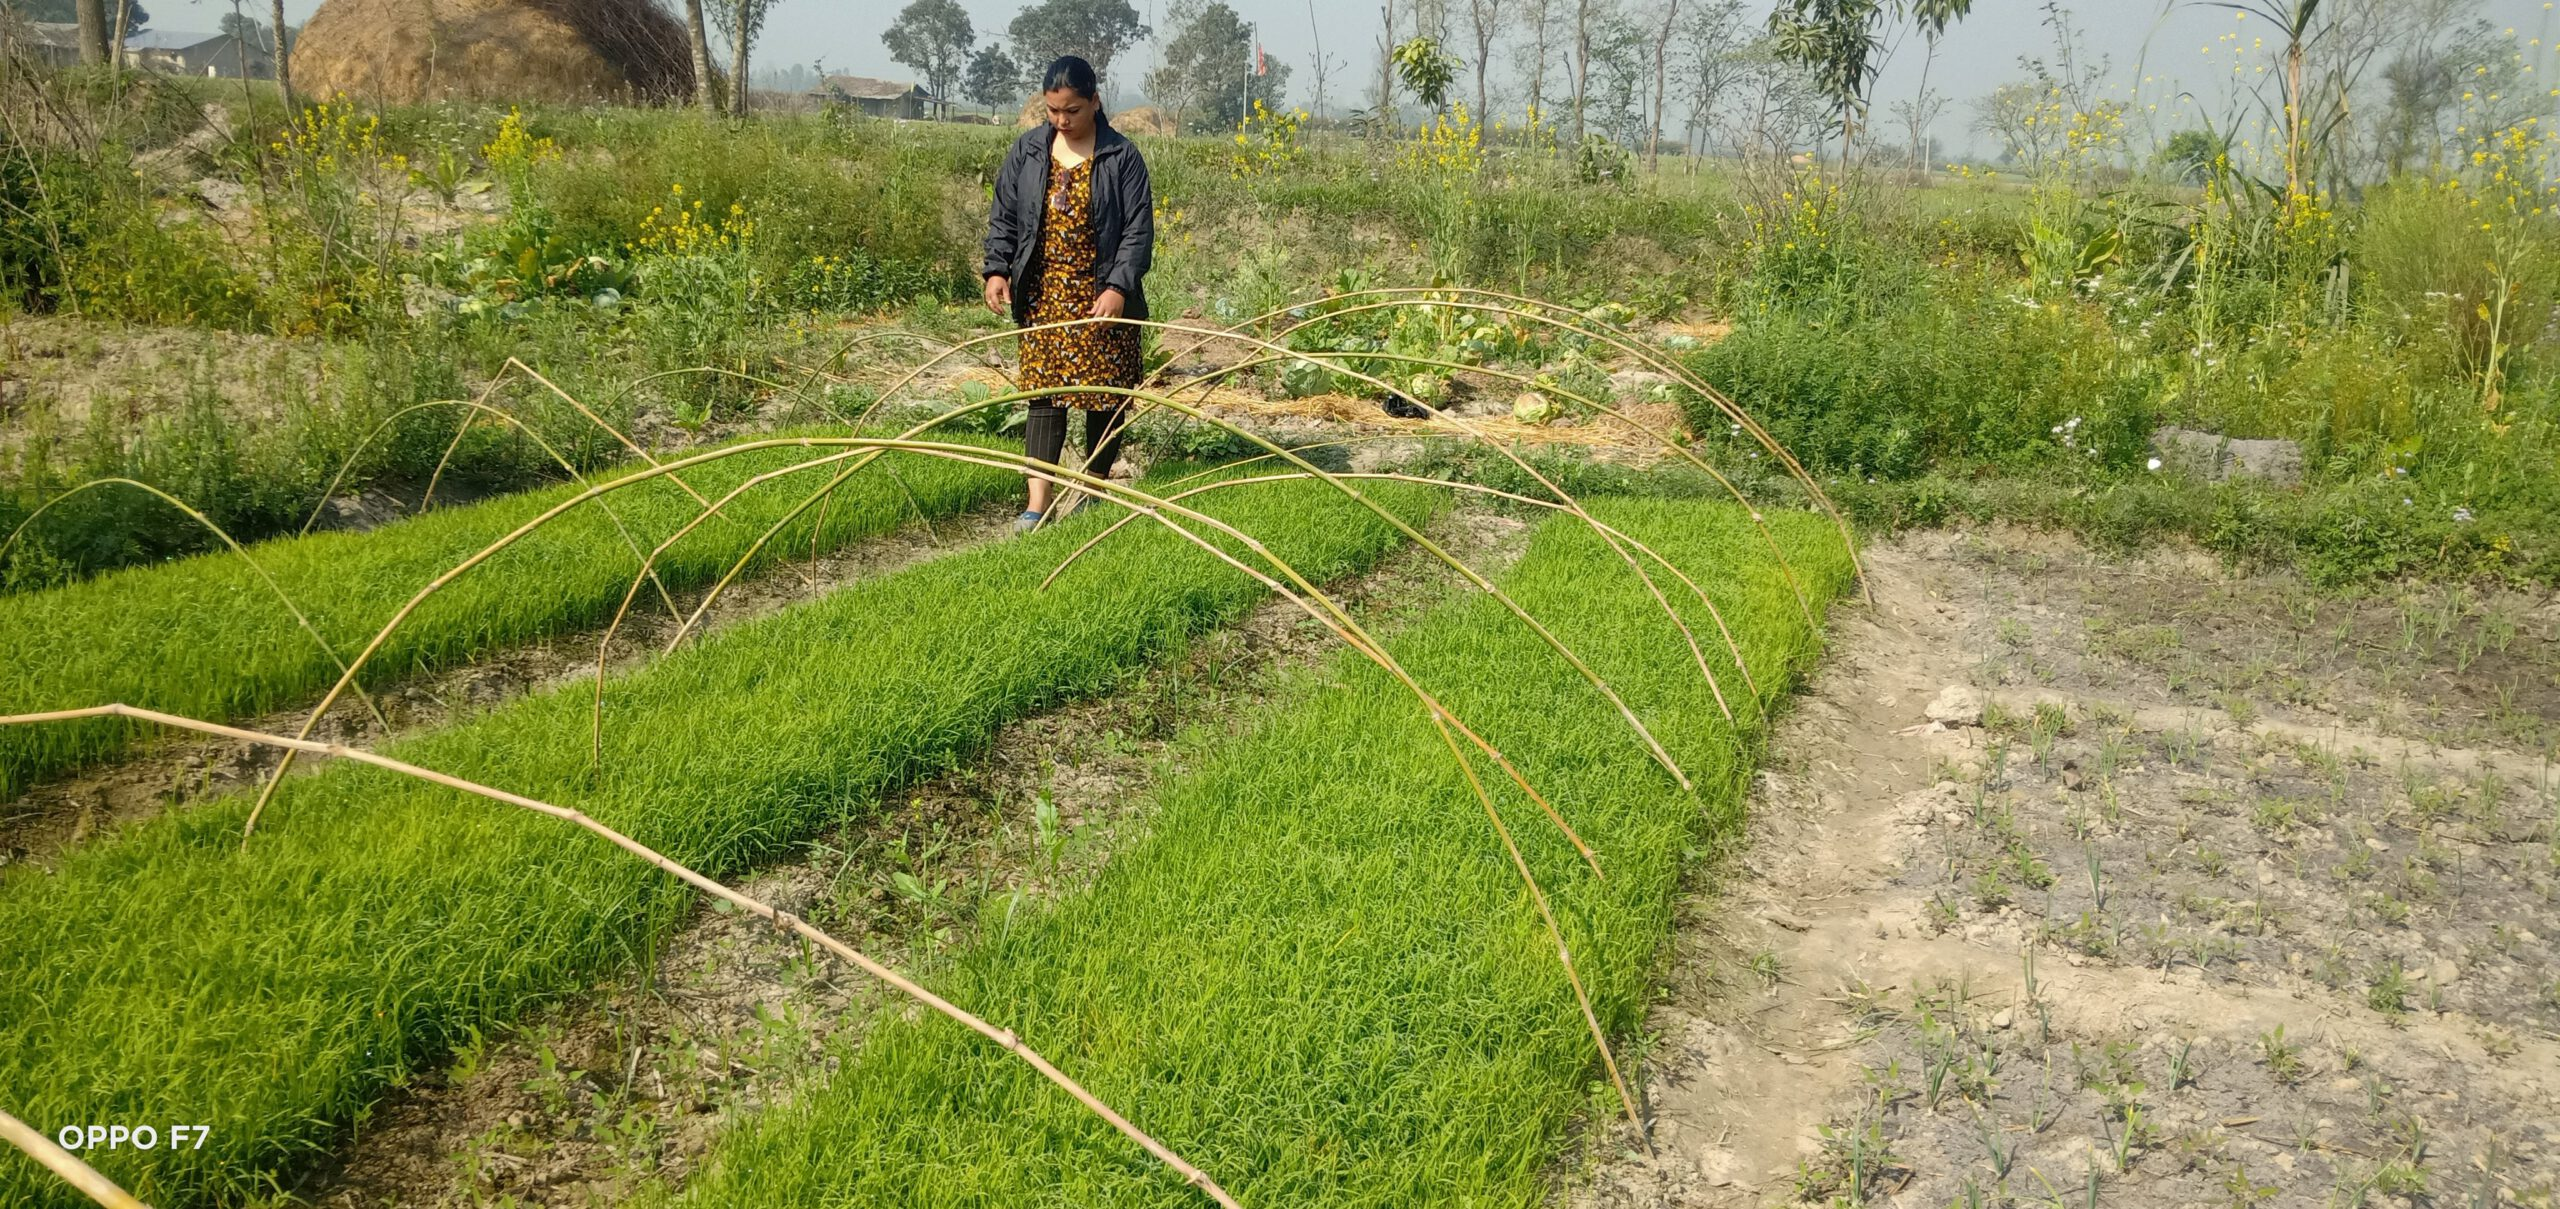 बेरोजगार युवालाई कृषिबाट आत्मनिर्भर बनाइँदै